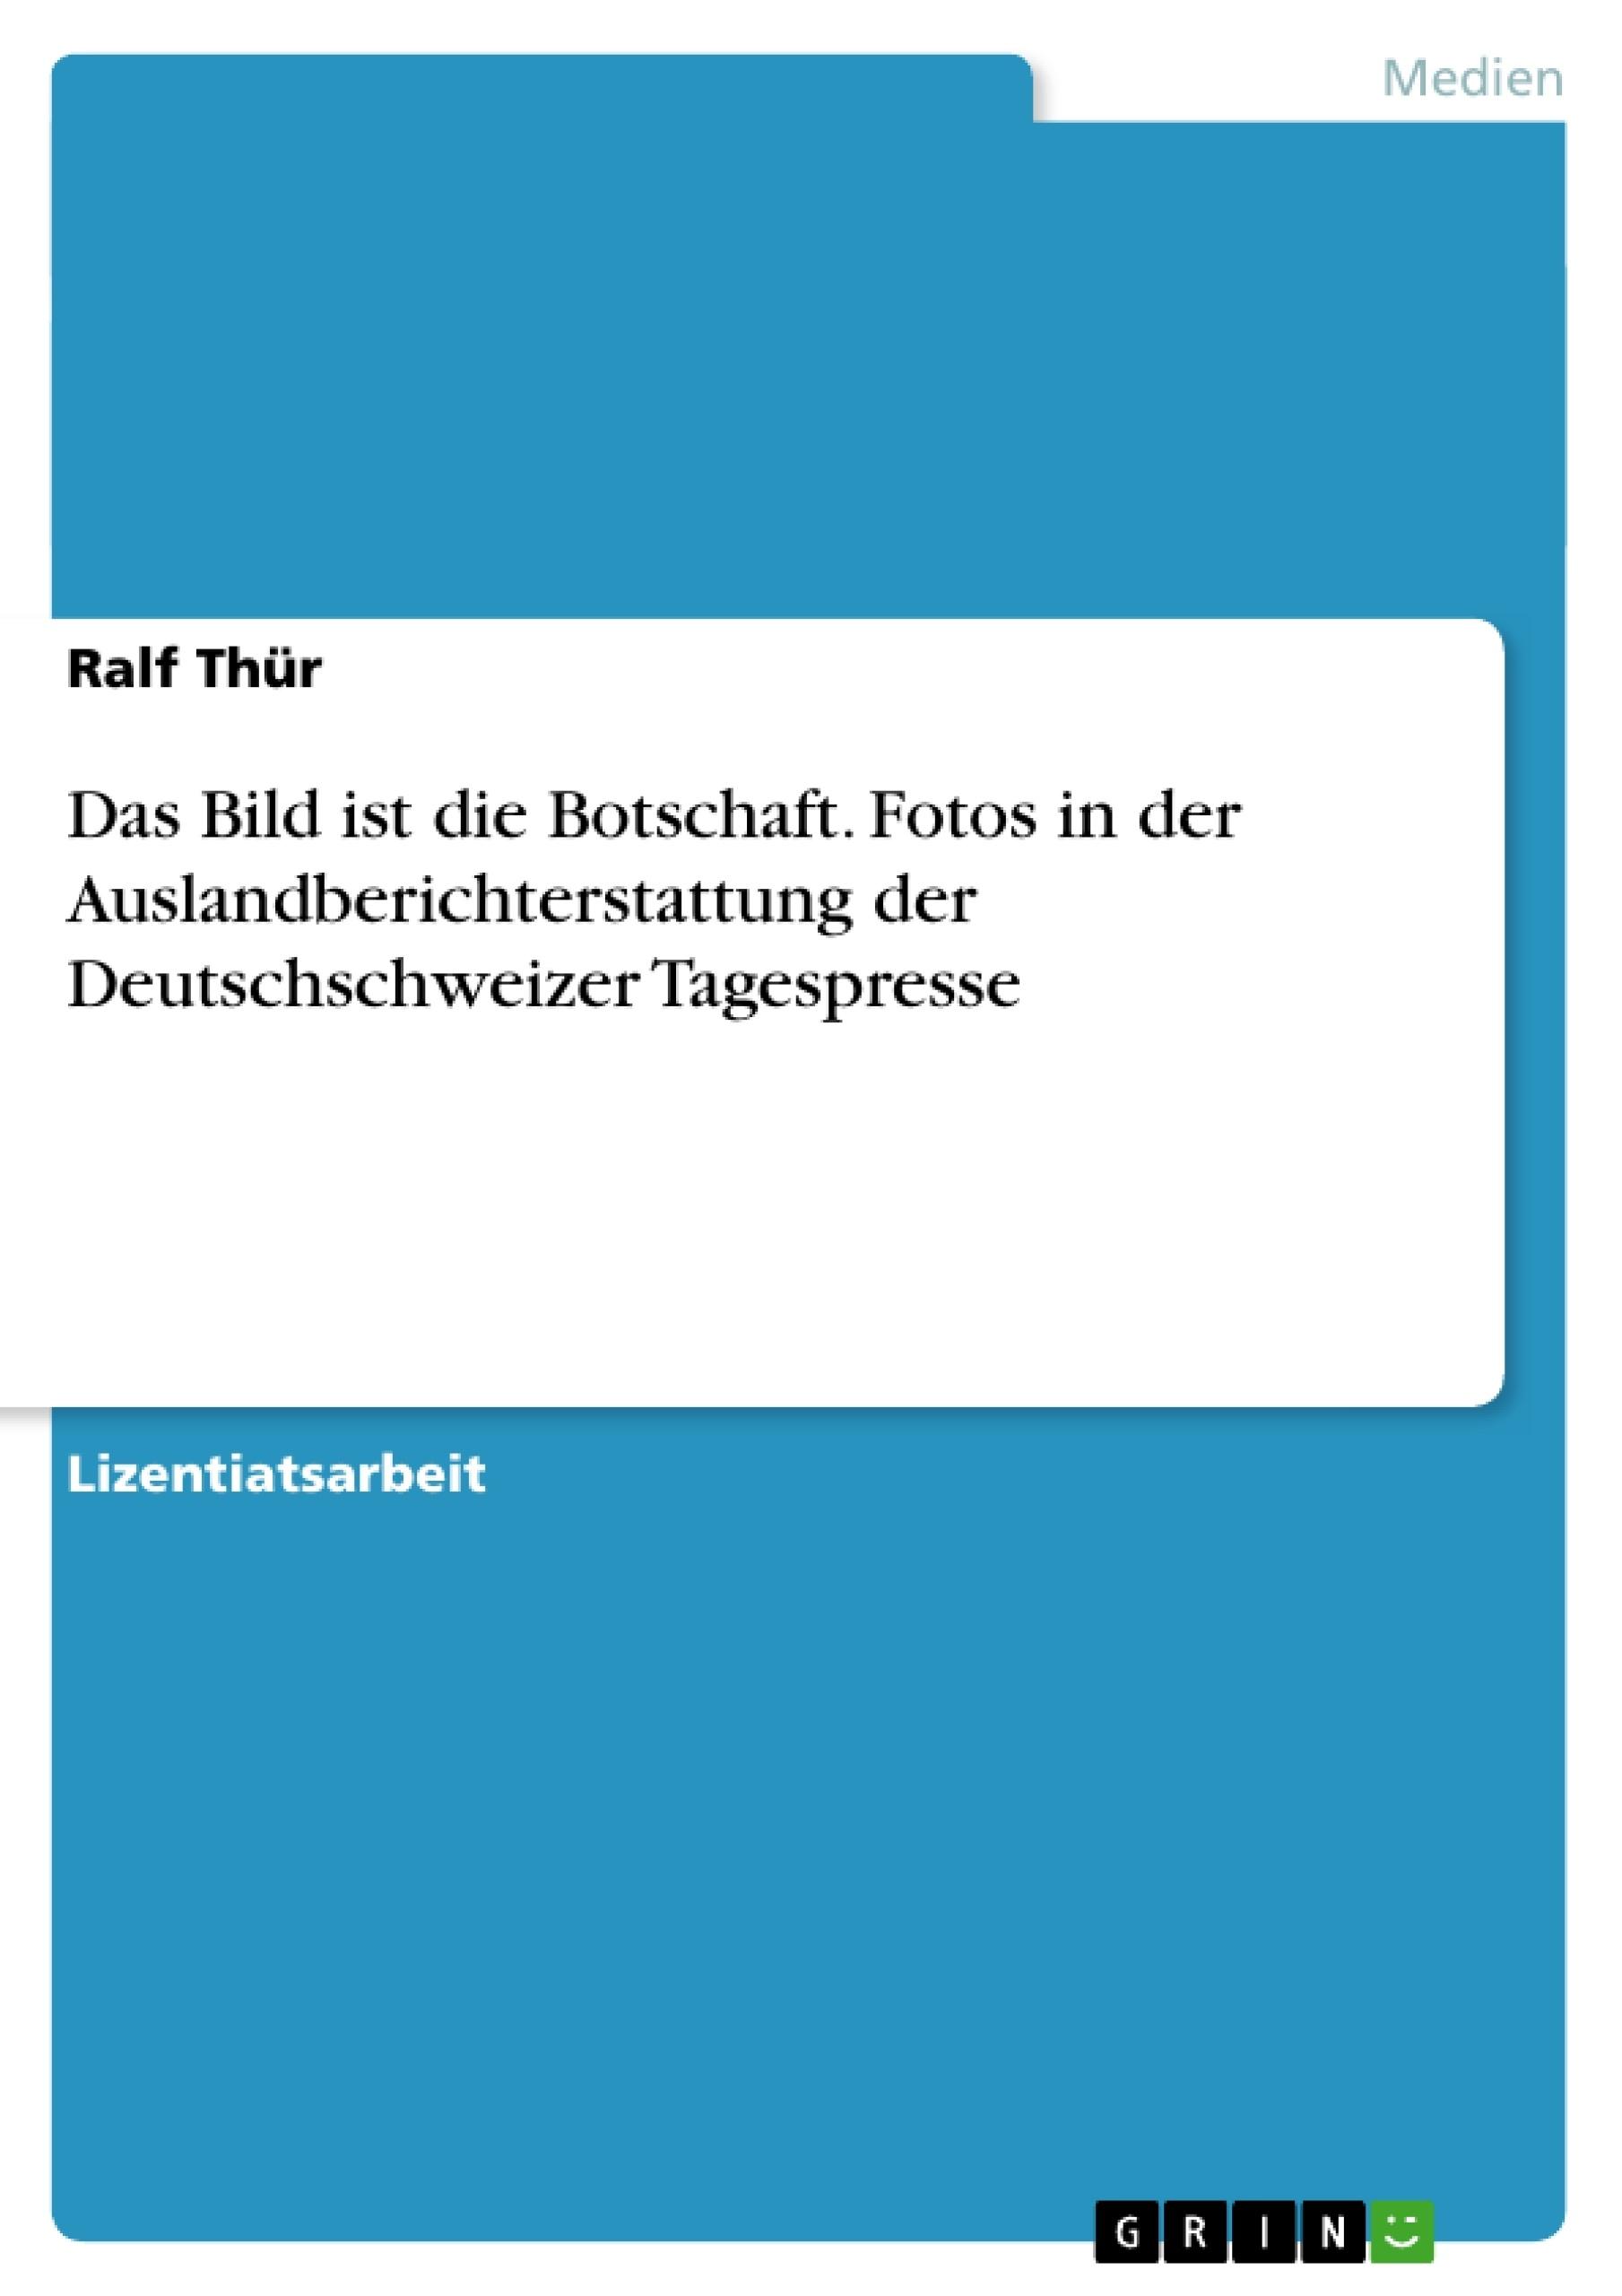 Titel: Das Bild ist die Botschaft. Fotos in der Auslandberichterstattung der Deutschschweizer Tagespresse